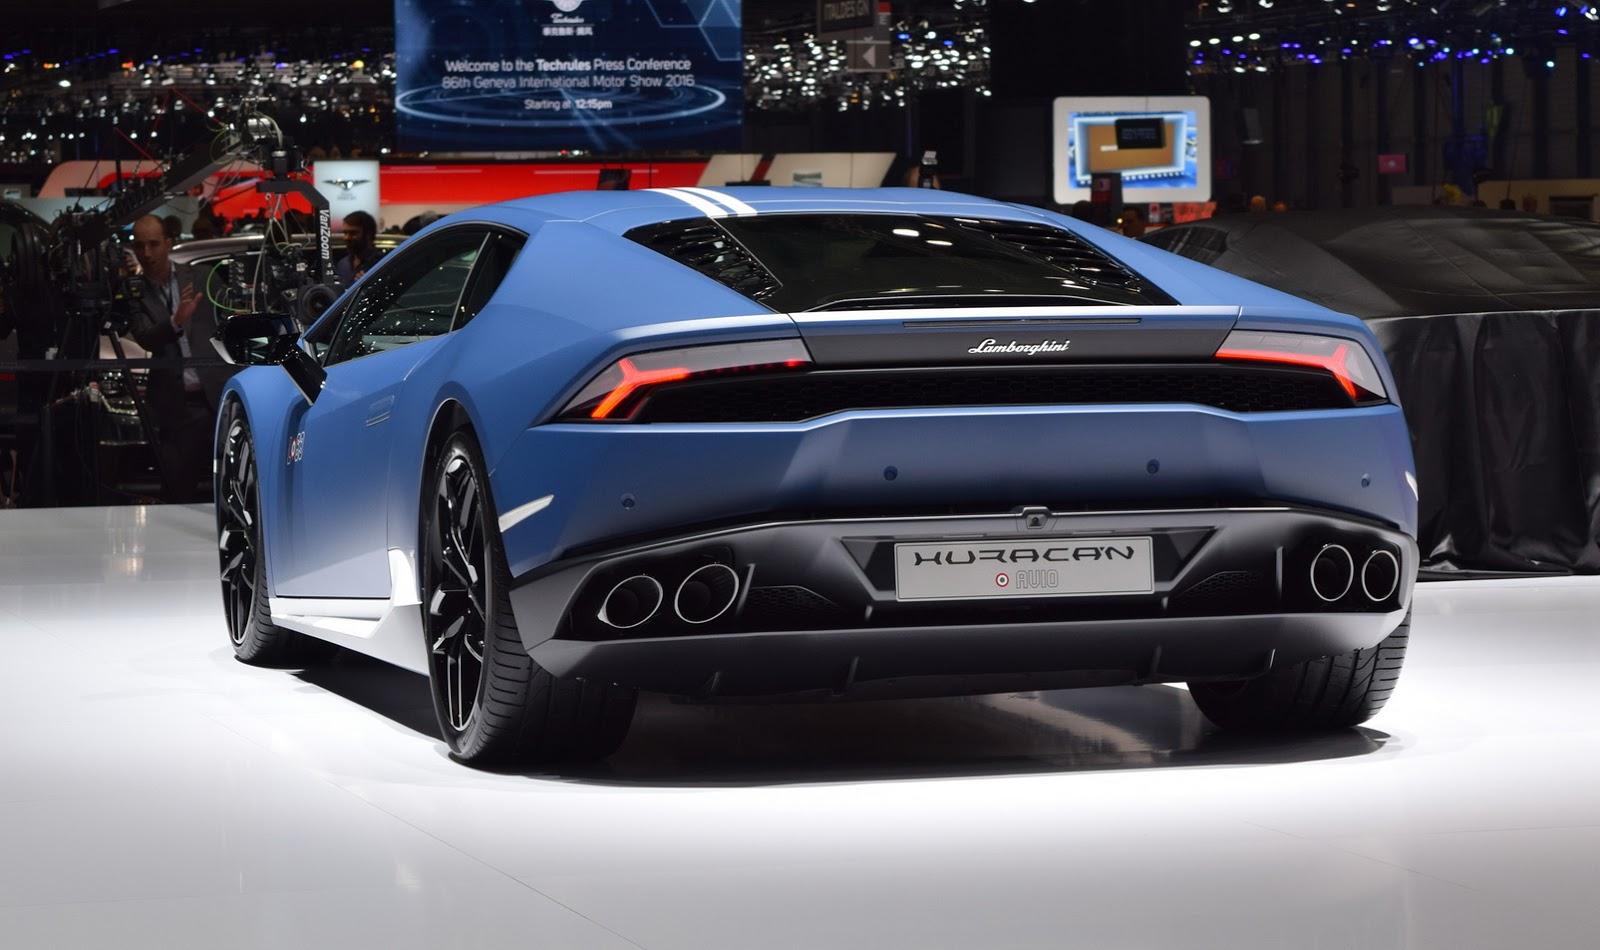 Siêu xe Lamborghini Huracan Avio 2017 - Phản lực đường phố